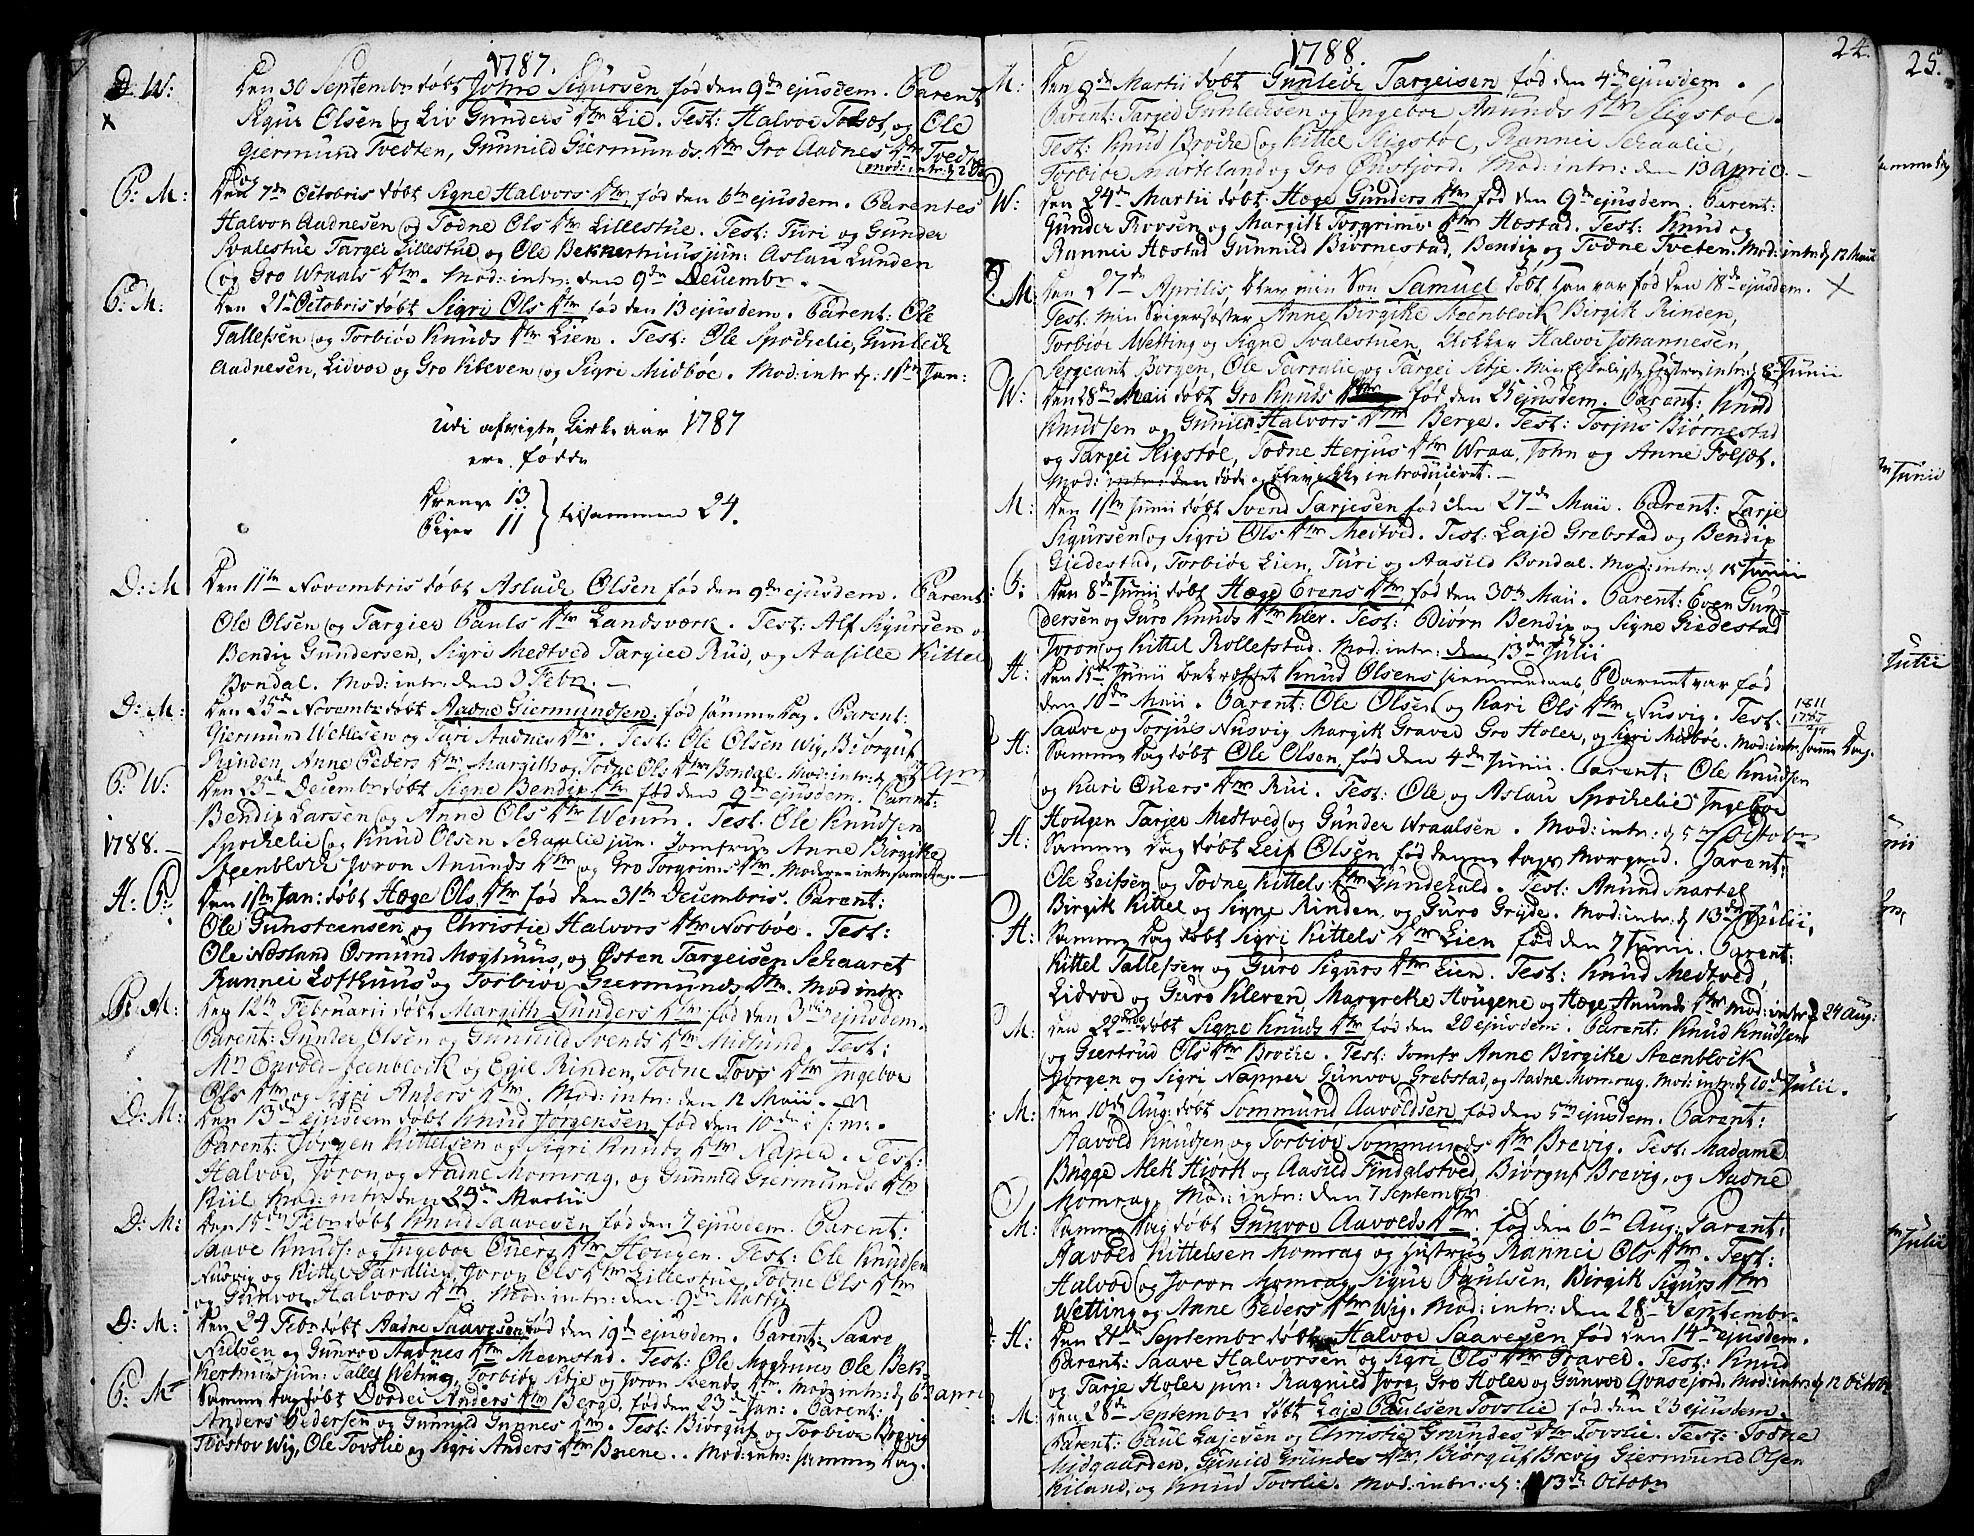 SAKO, Fyresdal kirkebøker, F/Fa/L0002: Ministerialbok nr. I 2, 1769-1814, s. 24